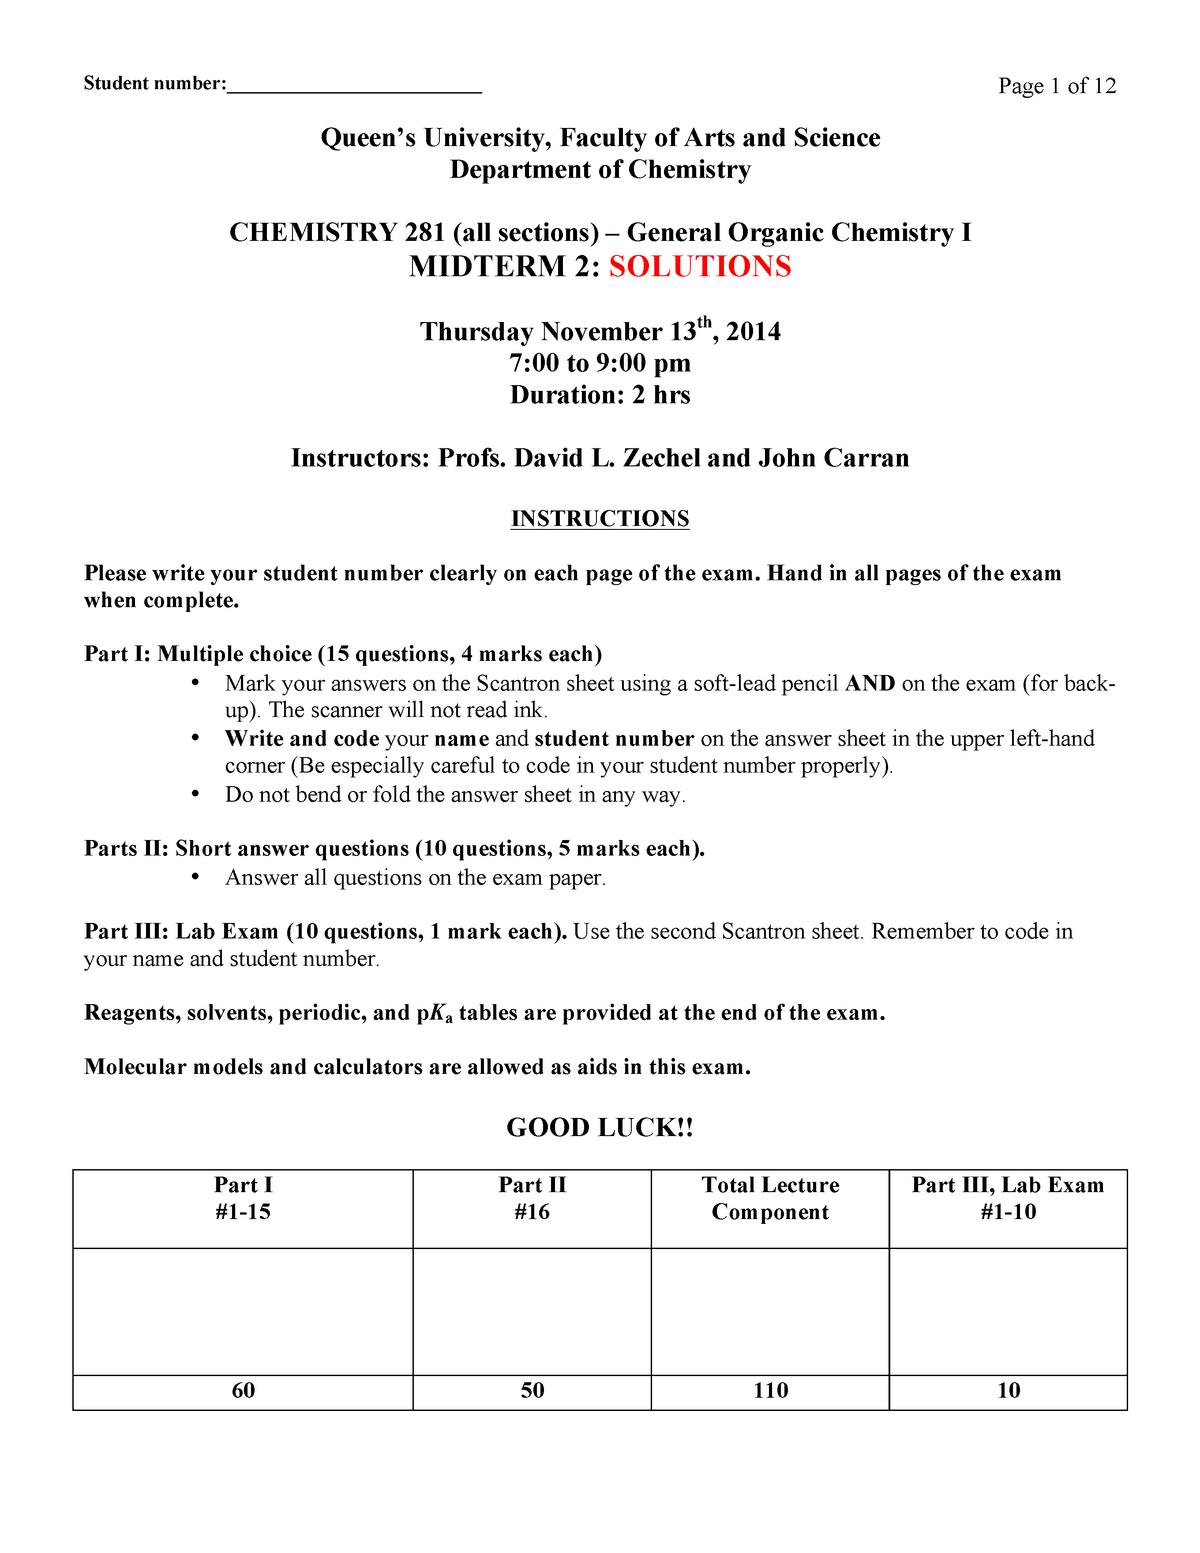 Exam 2014 - Chem 281: General Organic Chemistry I - StuDocu